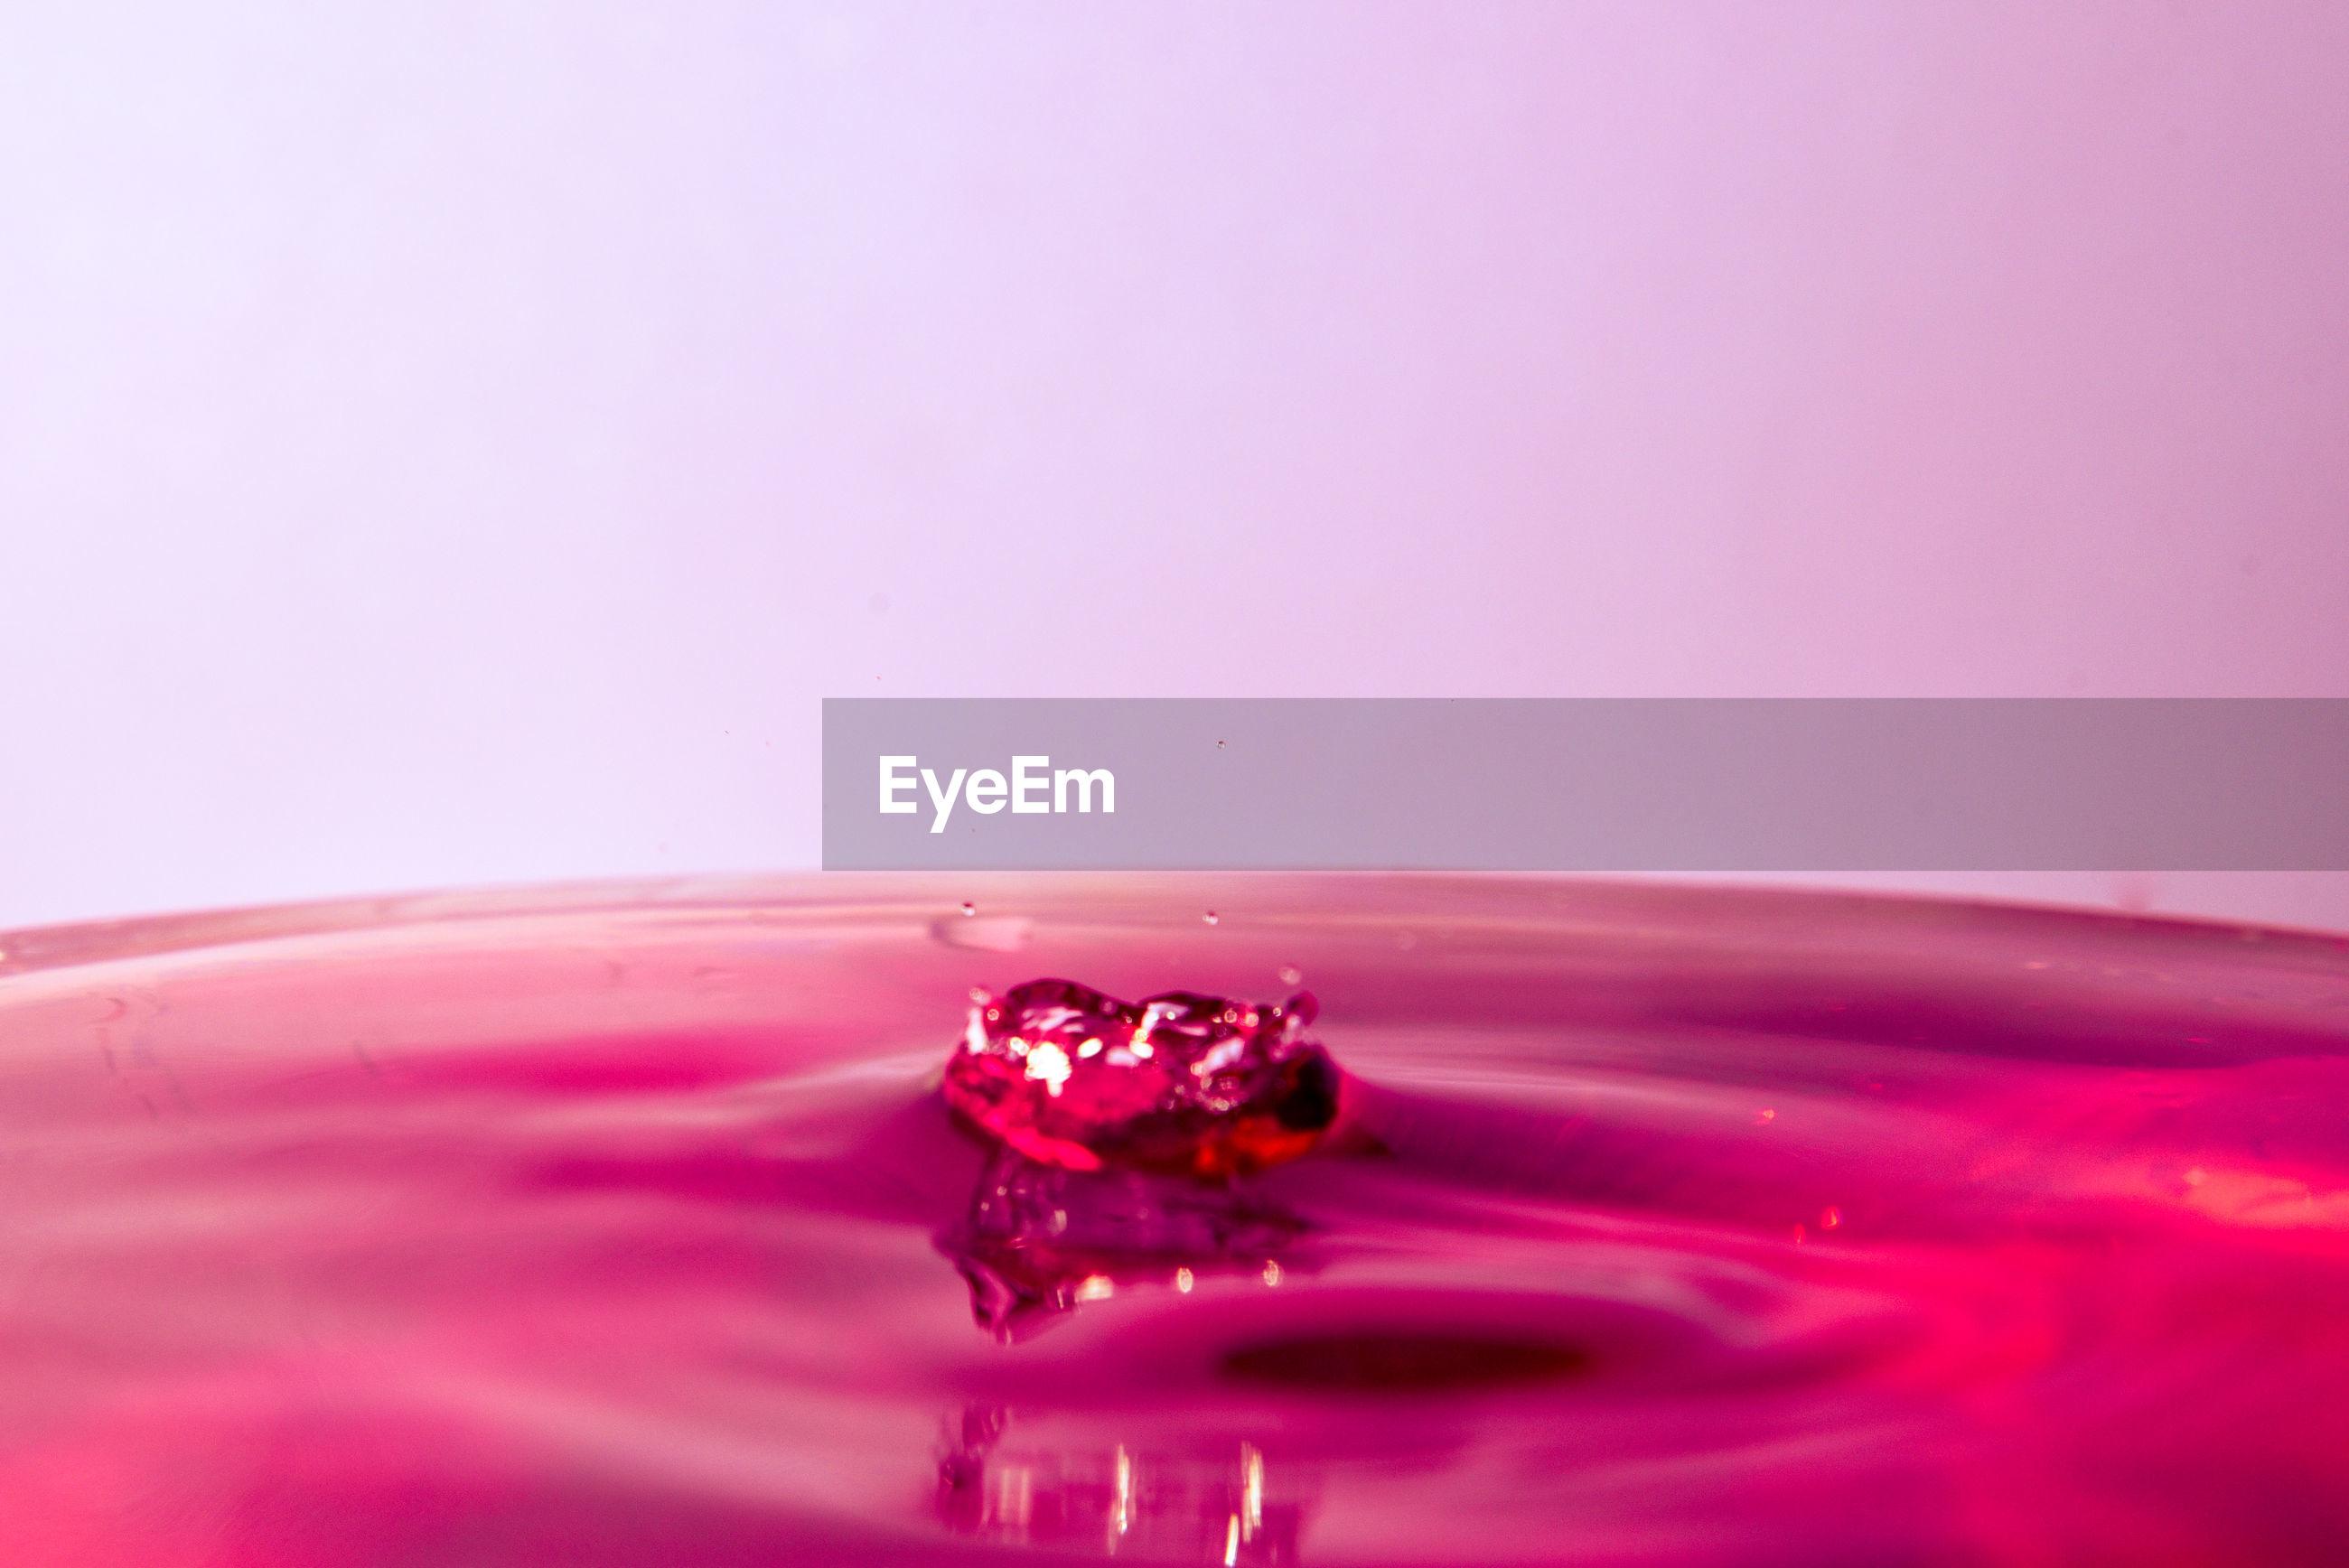 CLOSE-UP OF WATER SPLASHING ON PINK BACKGROUND